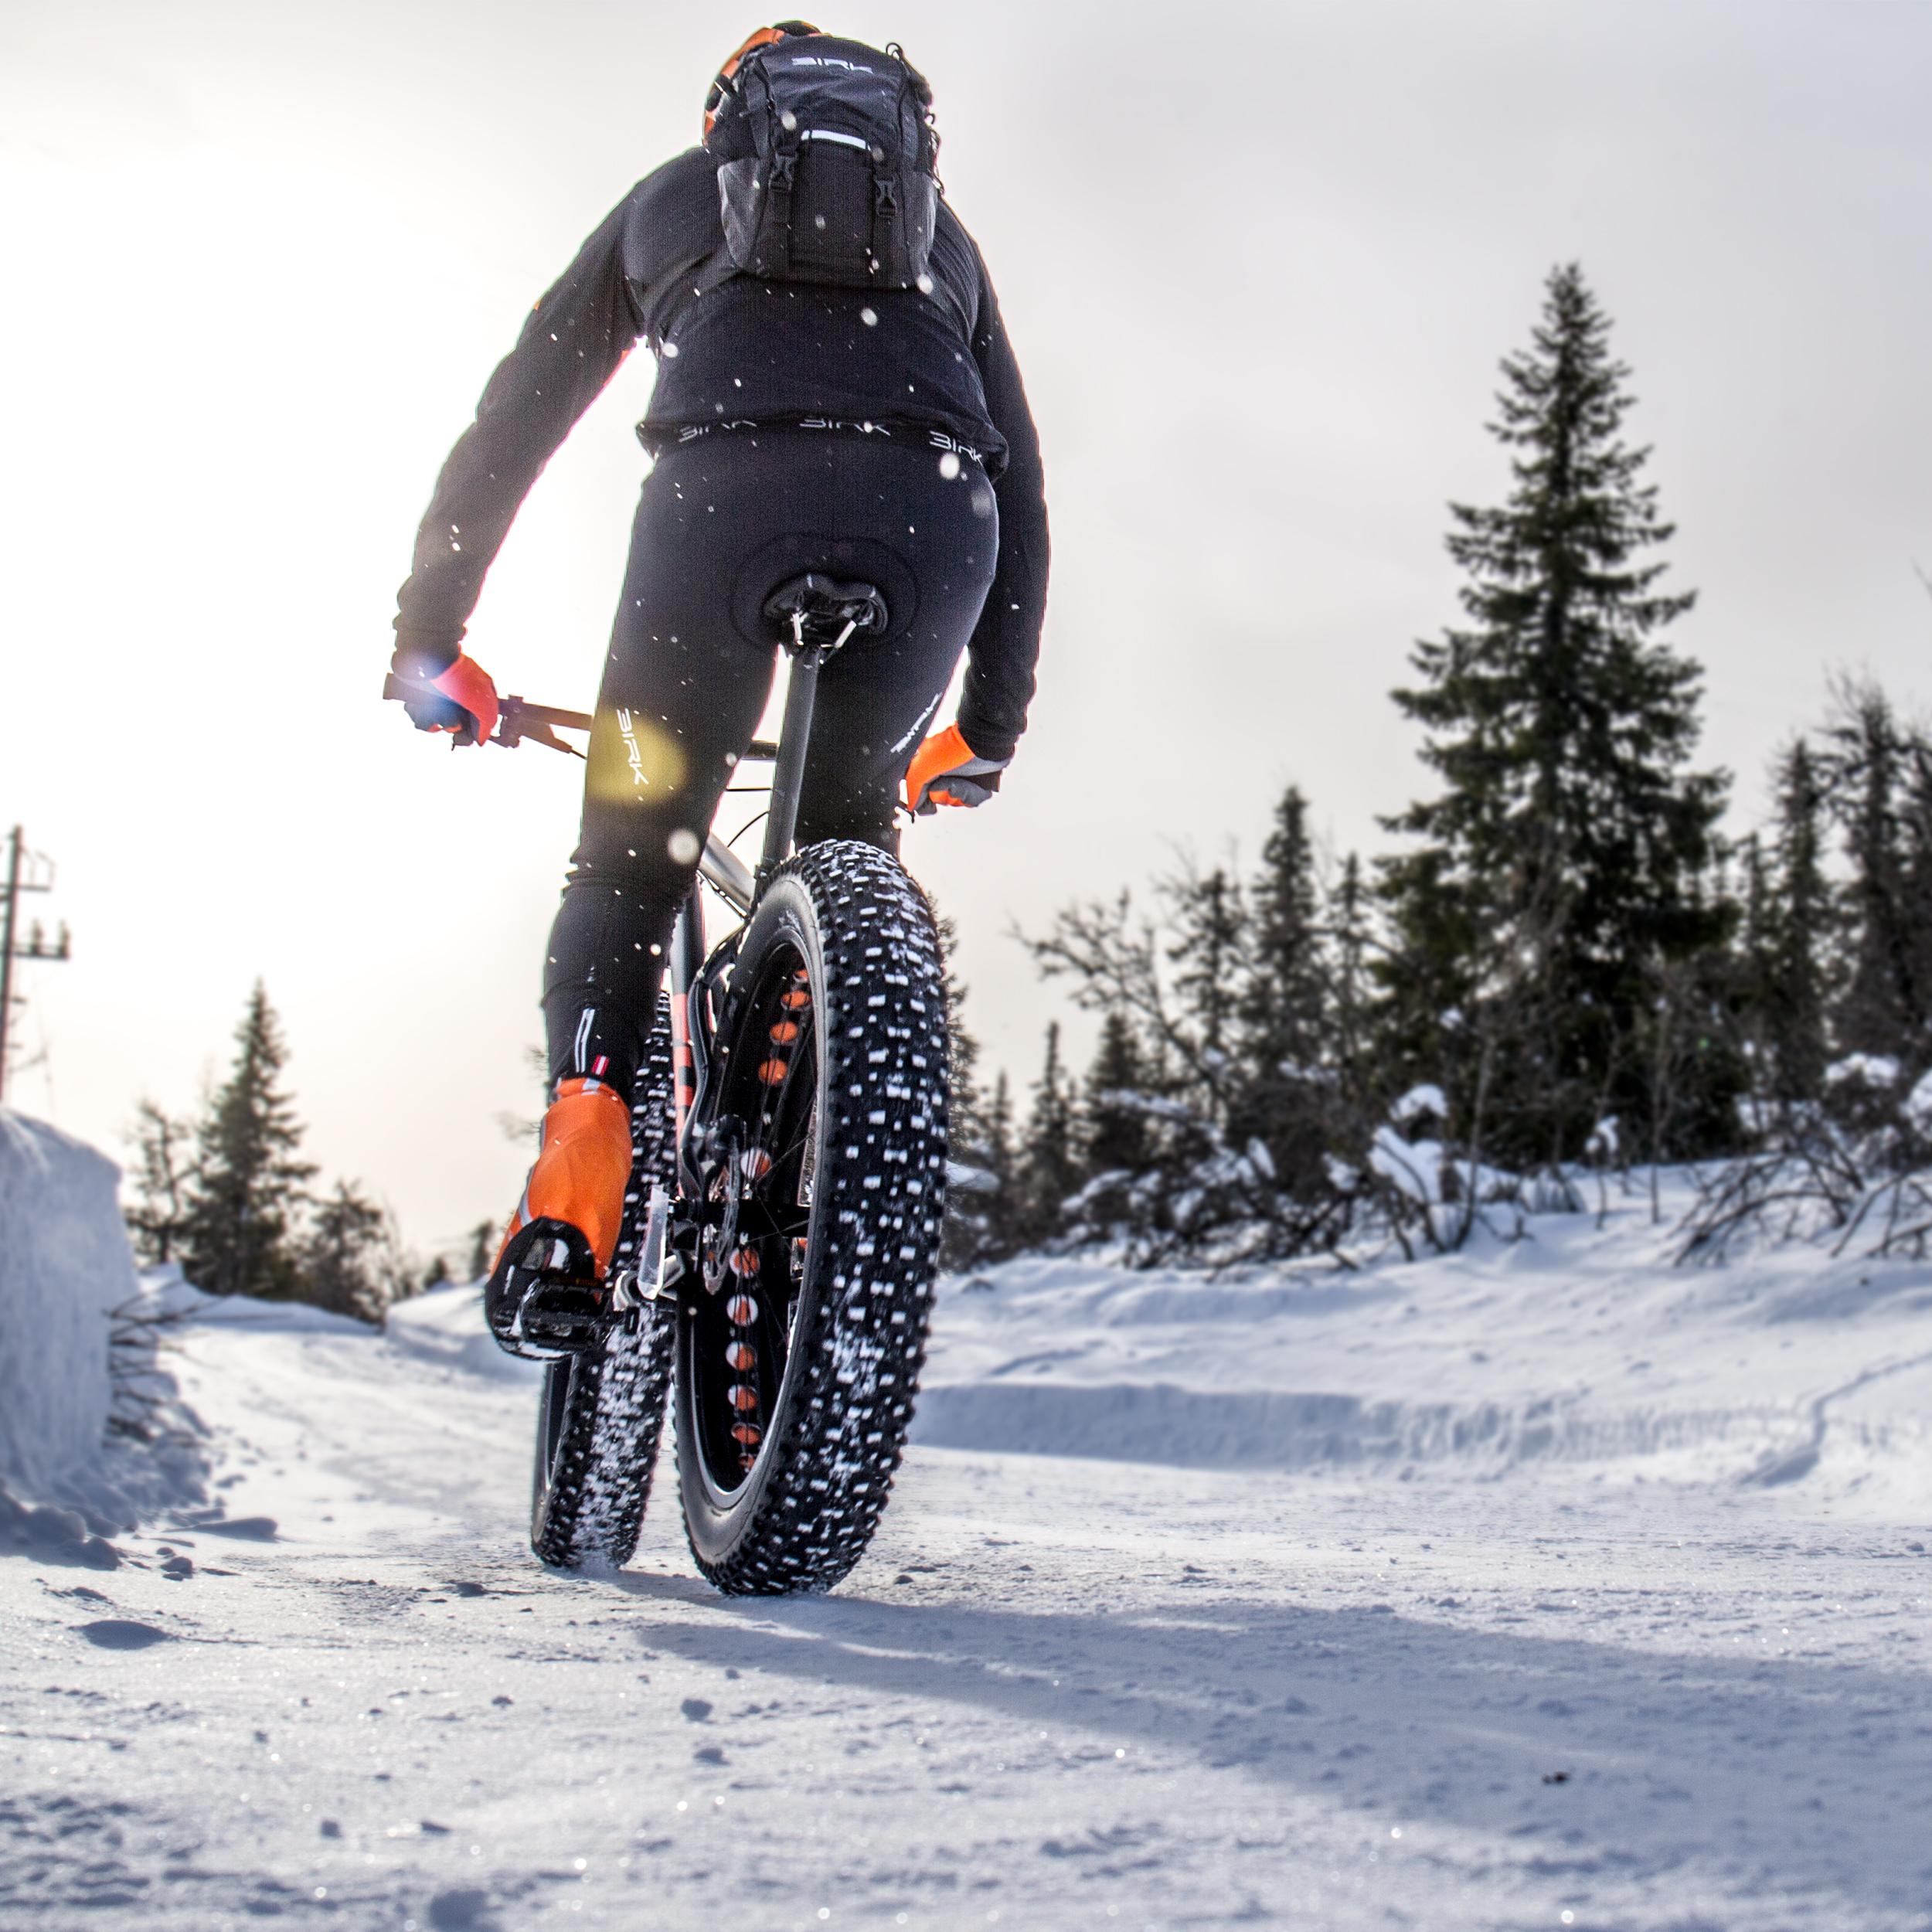 Vintersykling - Bruk av sykkel på sti om vinteren